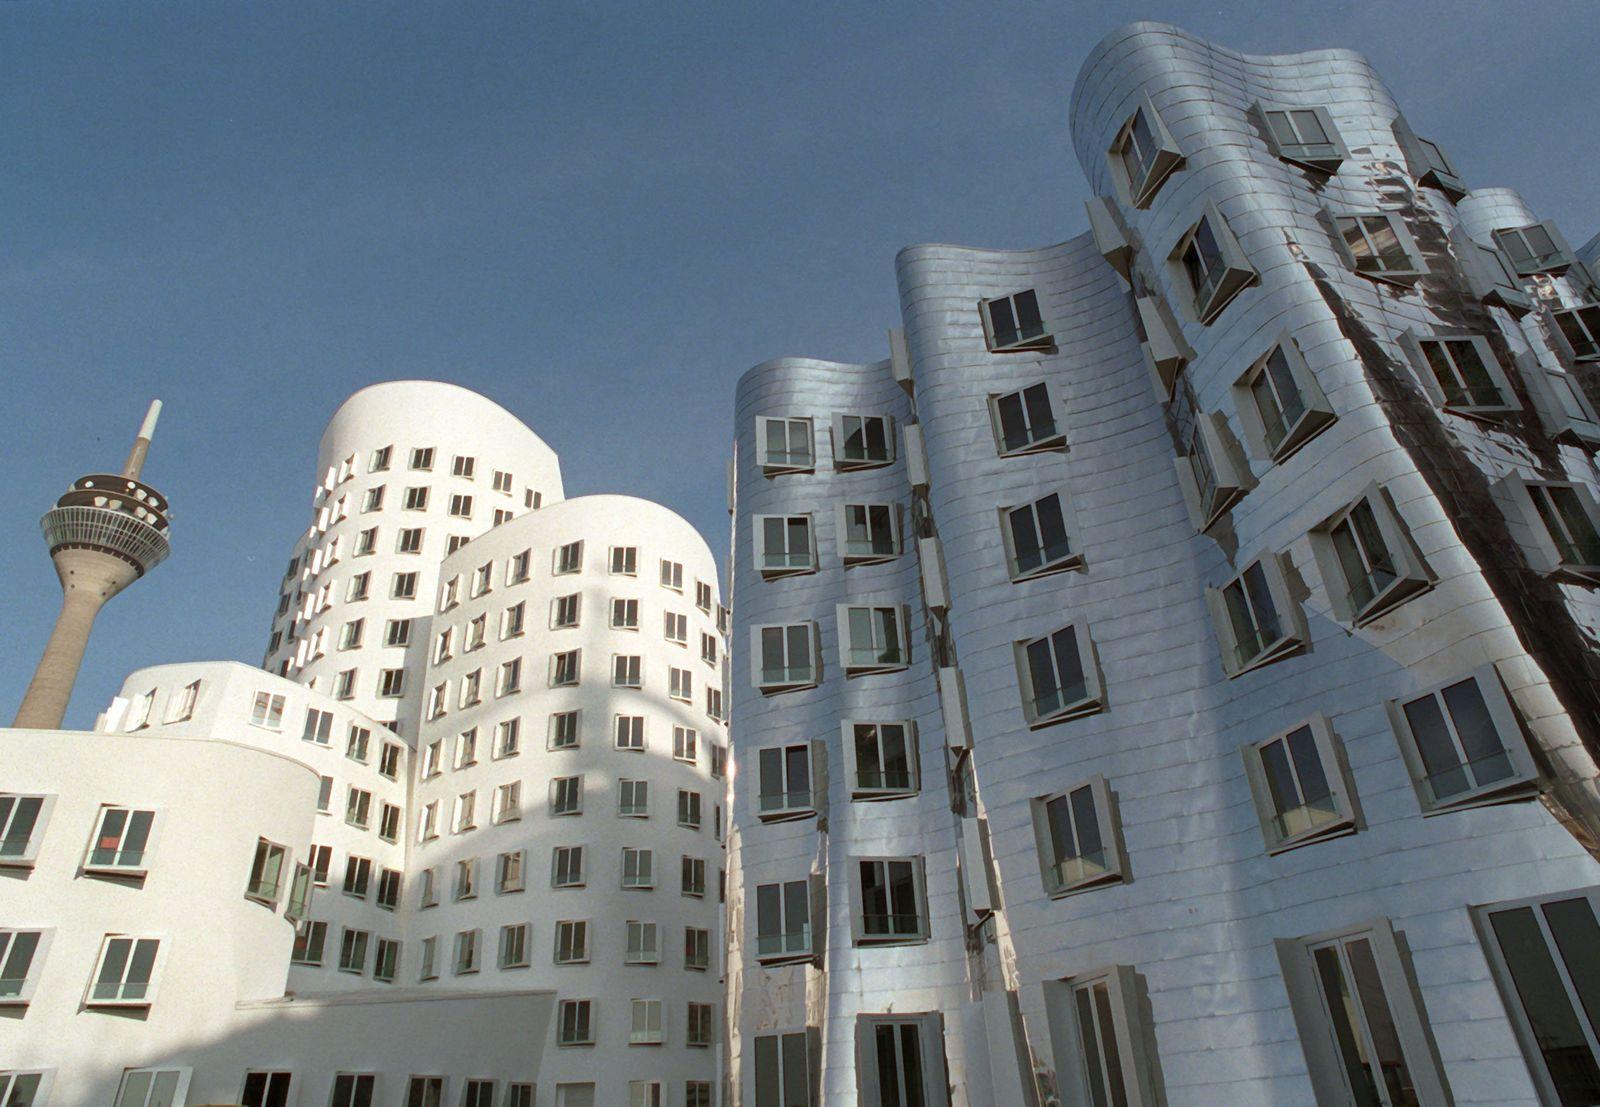 Neuer Zollhof / Düsseldorf